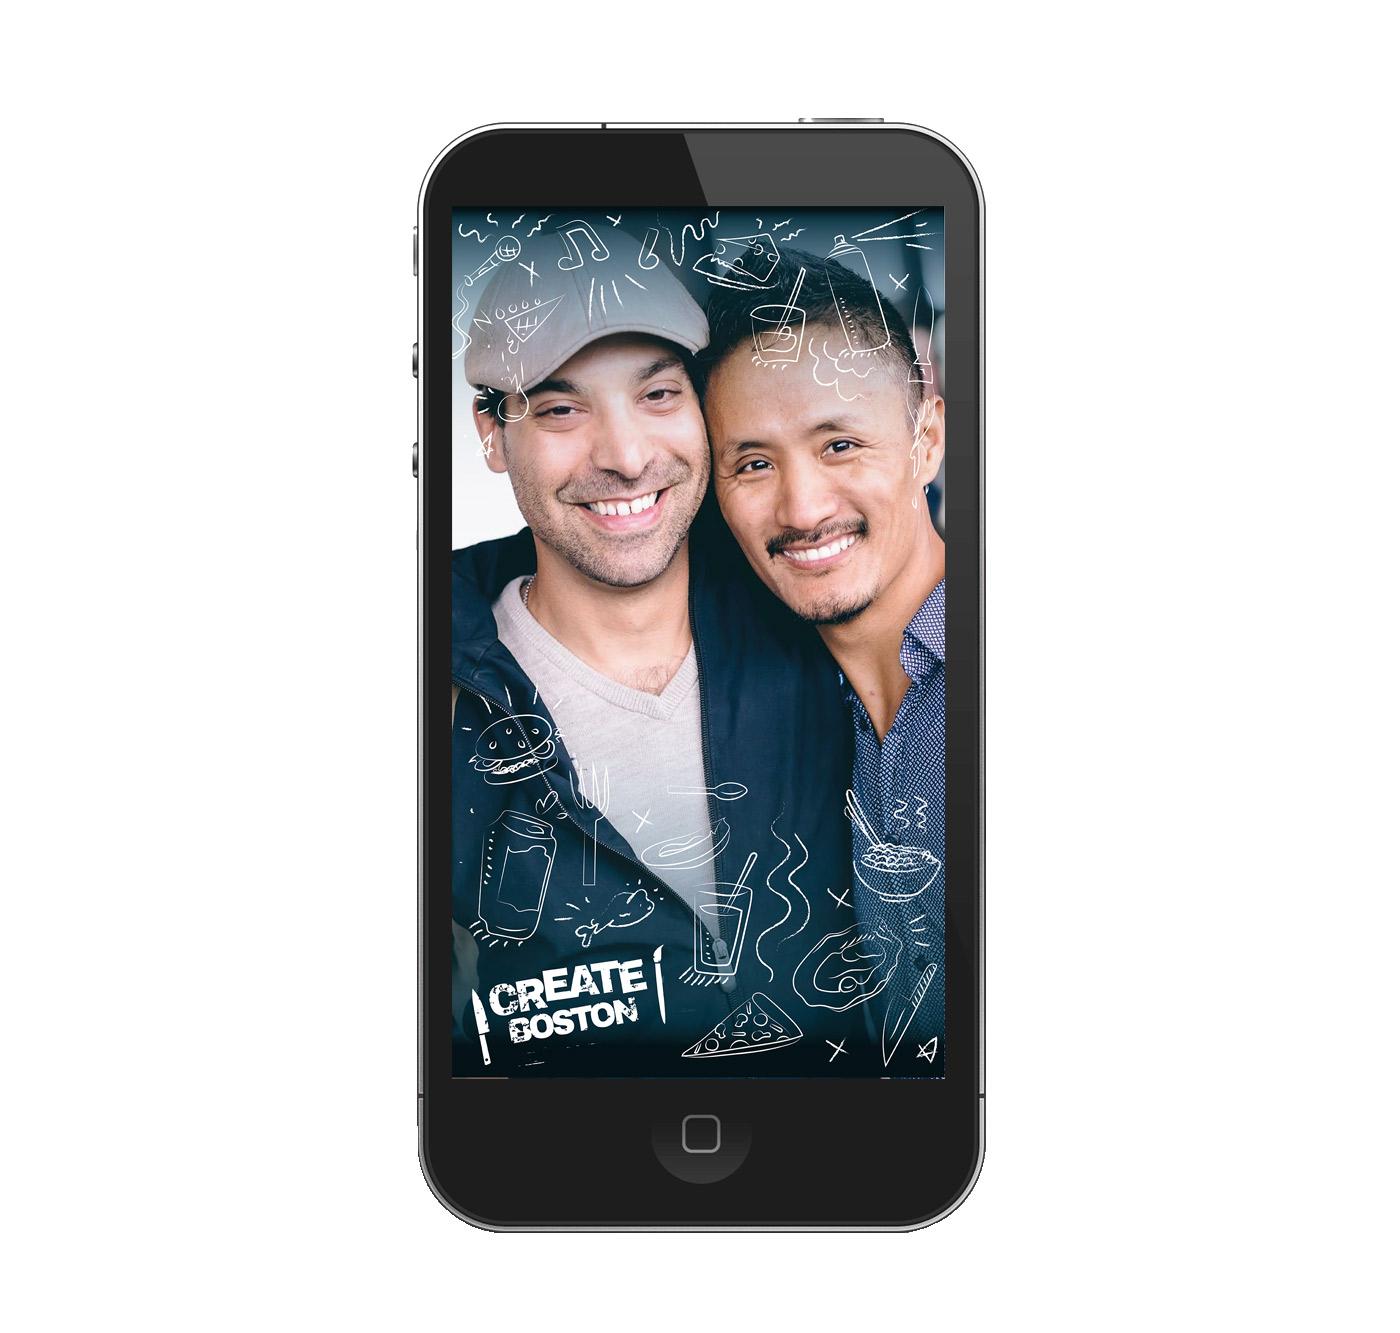 Snapchat_Phone1.jpg